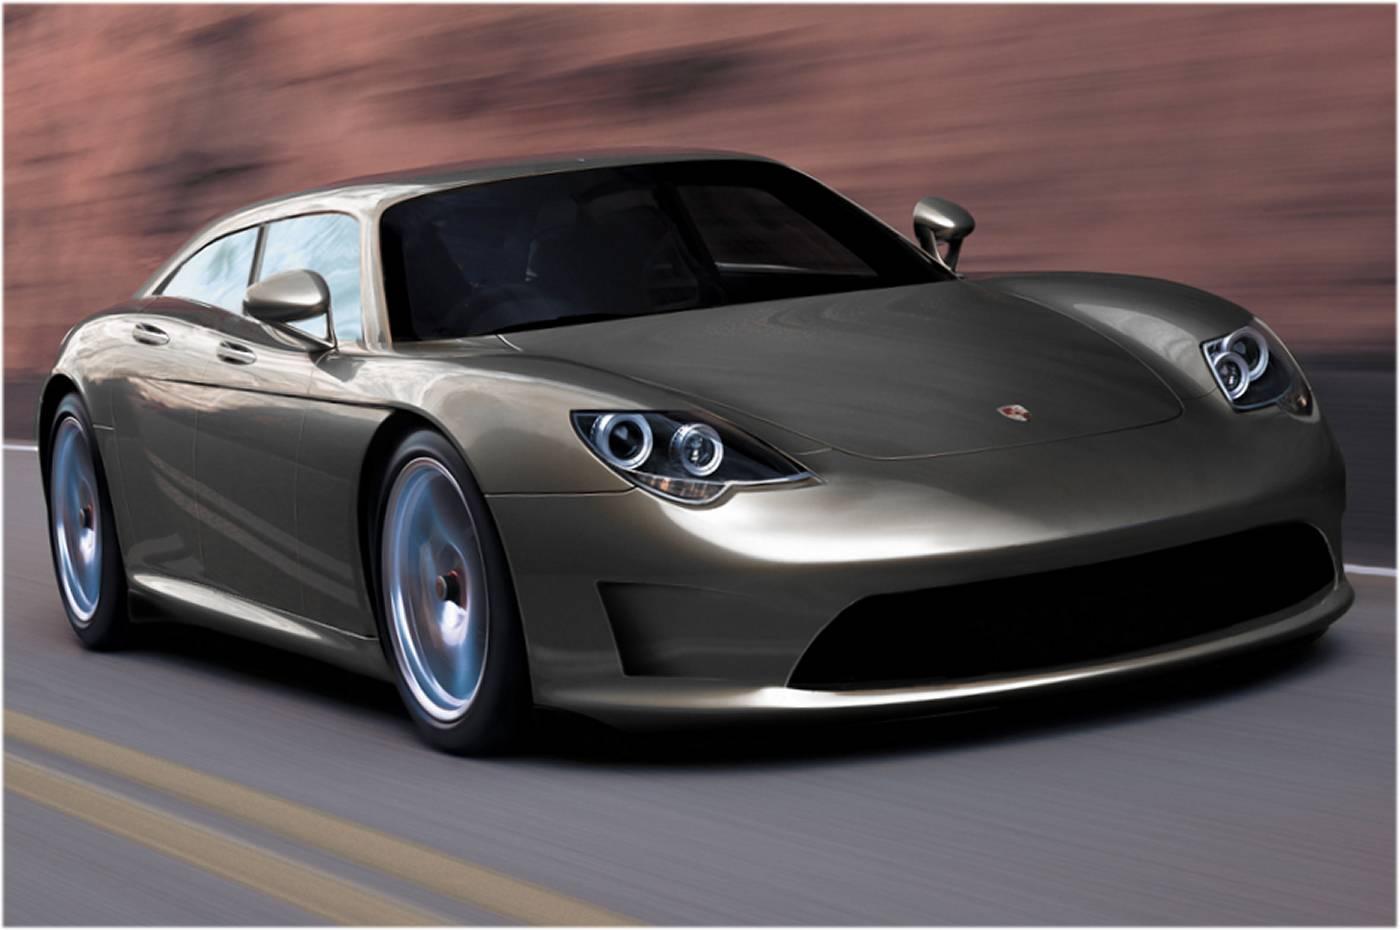 2010 Porsche Panamera Budget Car Insurance 2010 Porsche